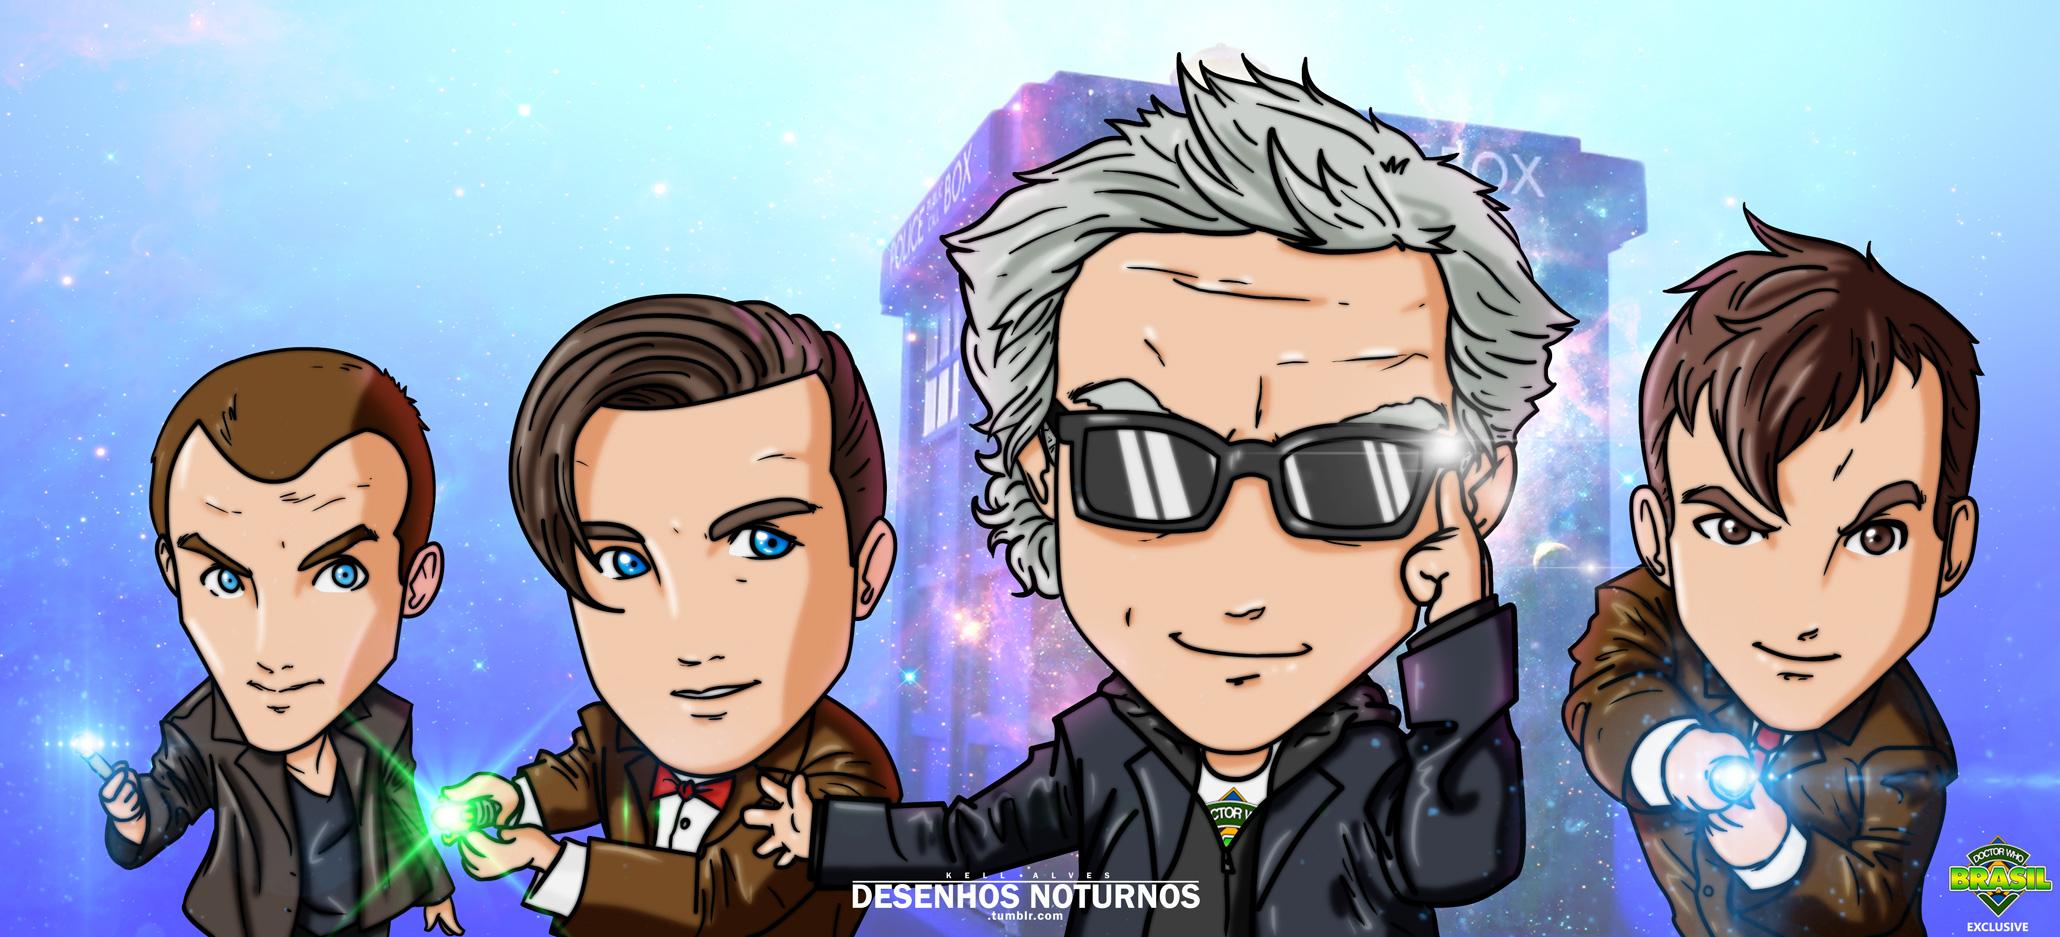 Doctor-Who-Brasil-Kell-Alves-Desenhos-Noturnos